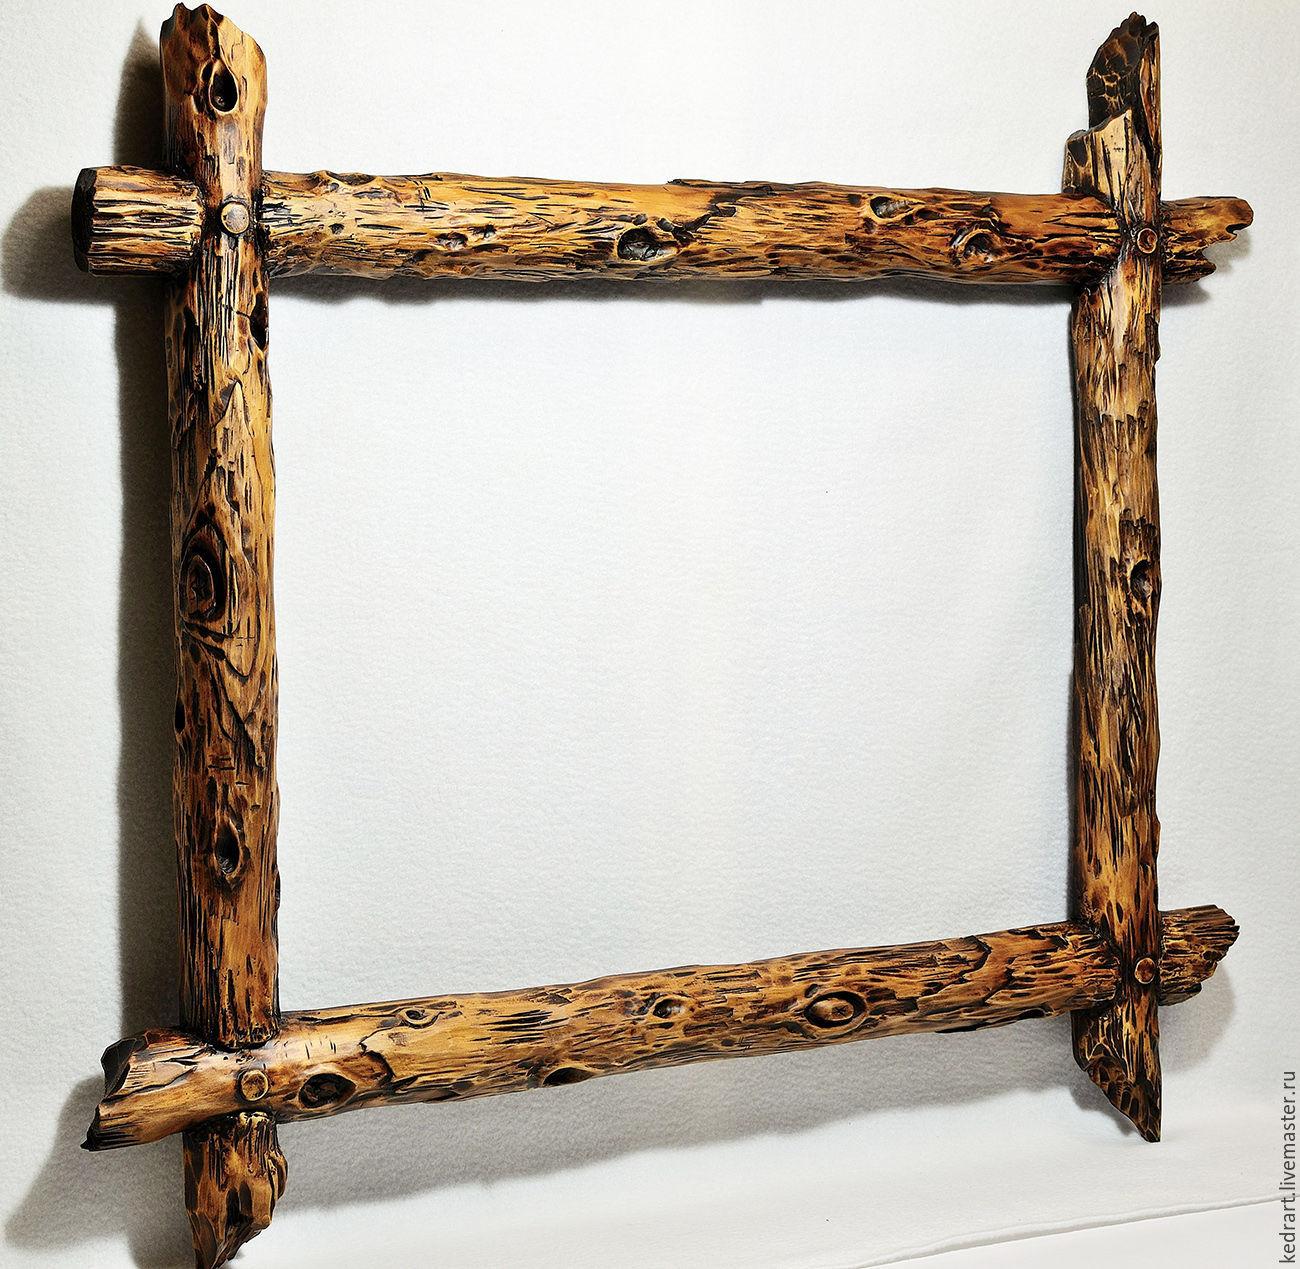 глаз использовать рамочки для фото из дерева своими руками строительства такого